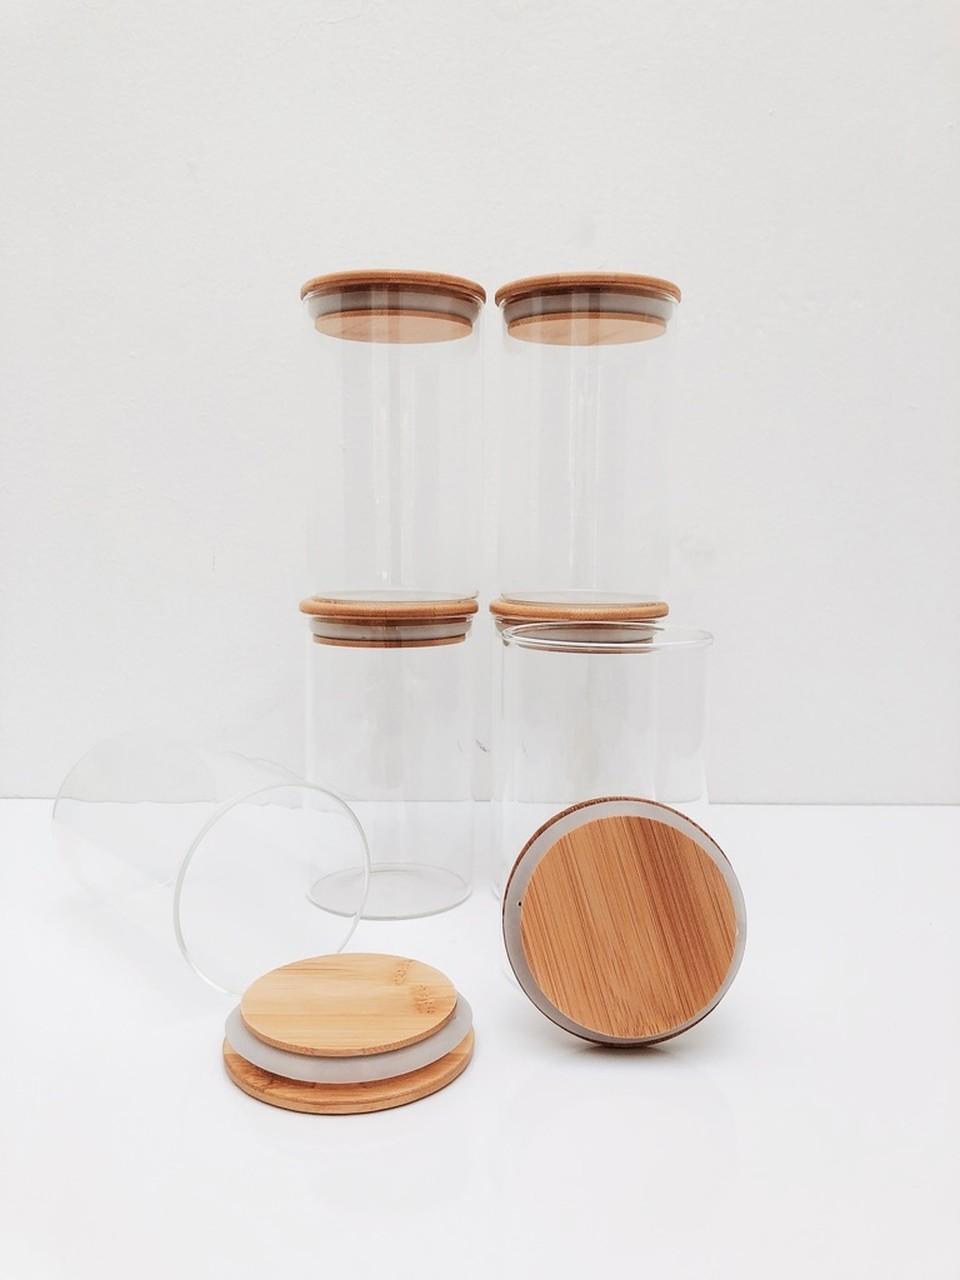 Kit Pote de Vidro com Tampa de Bambu 600ml - 6 Peças  - CASACOBRE